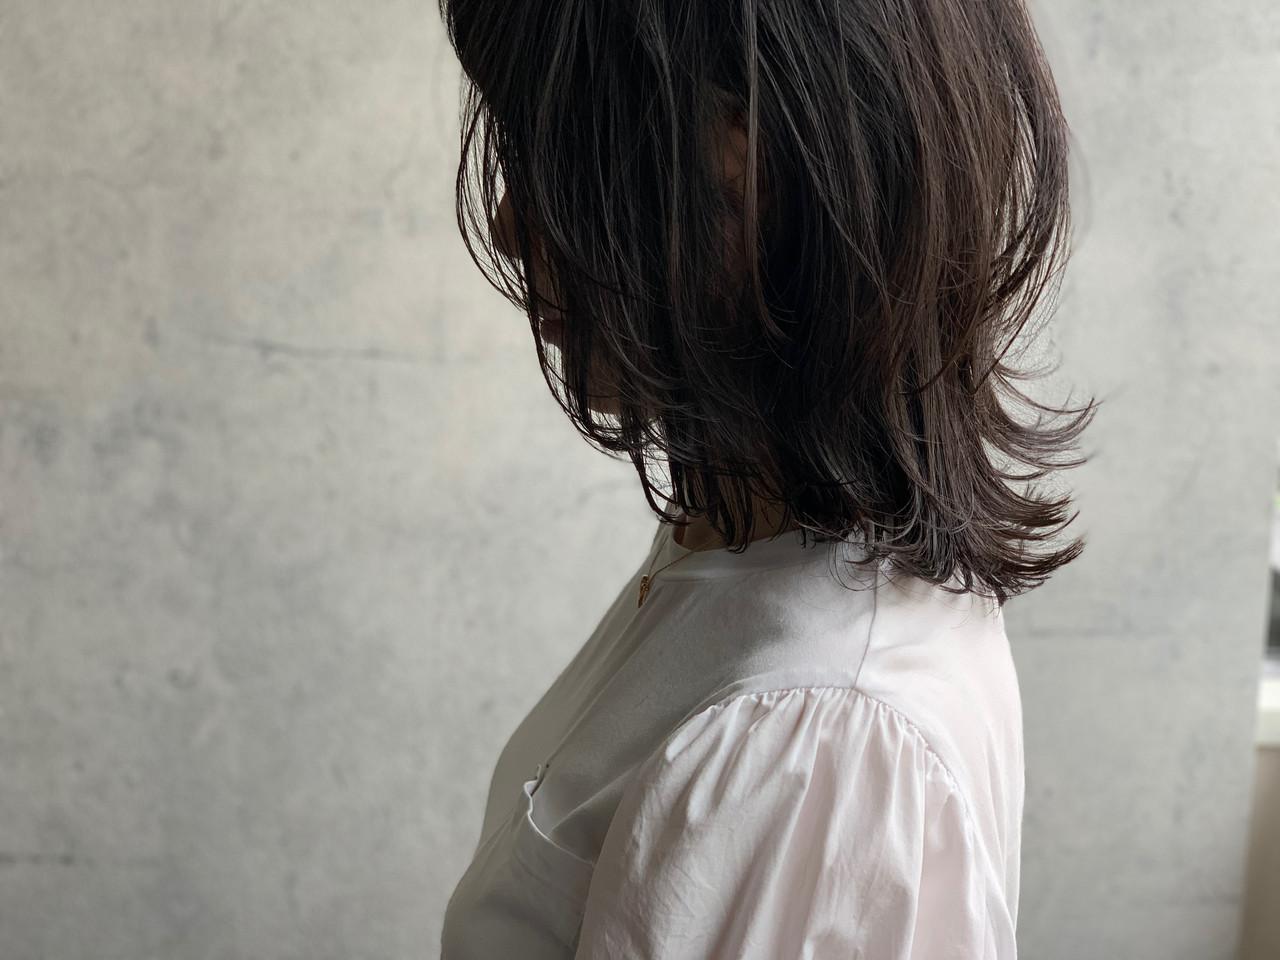 くびれボブ ナチュラル ミディアム ニュアンスウルフ ヘアスタイルや髪型の写真・画像